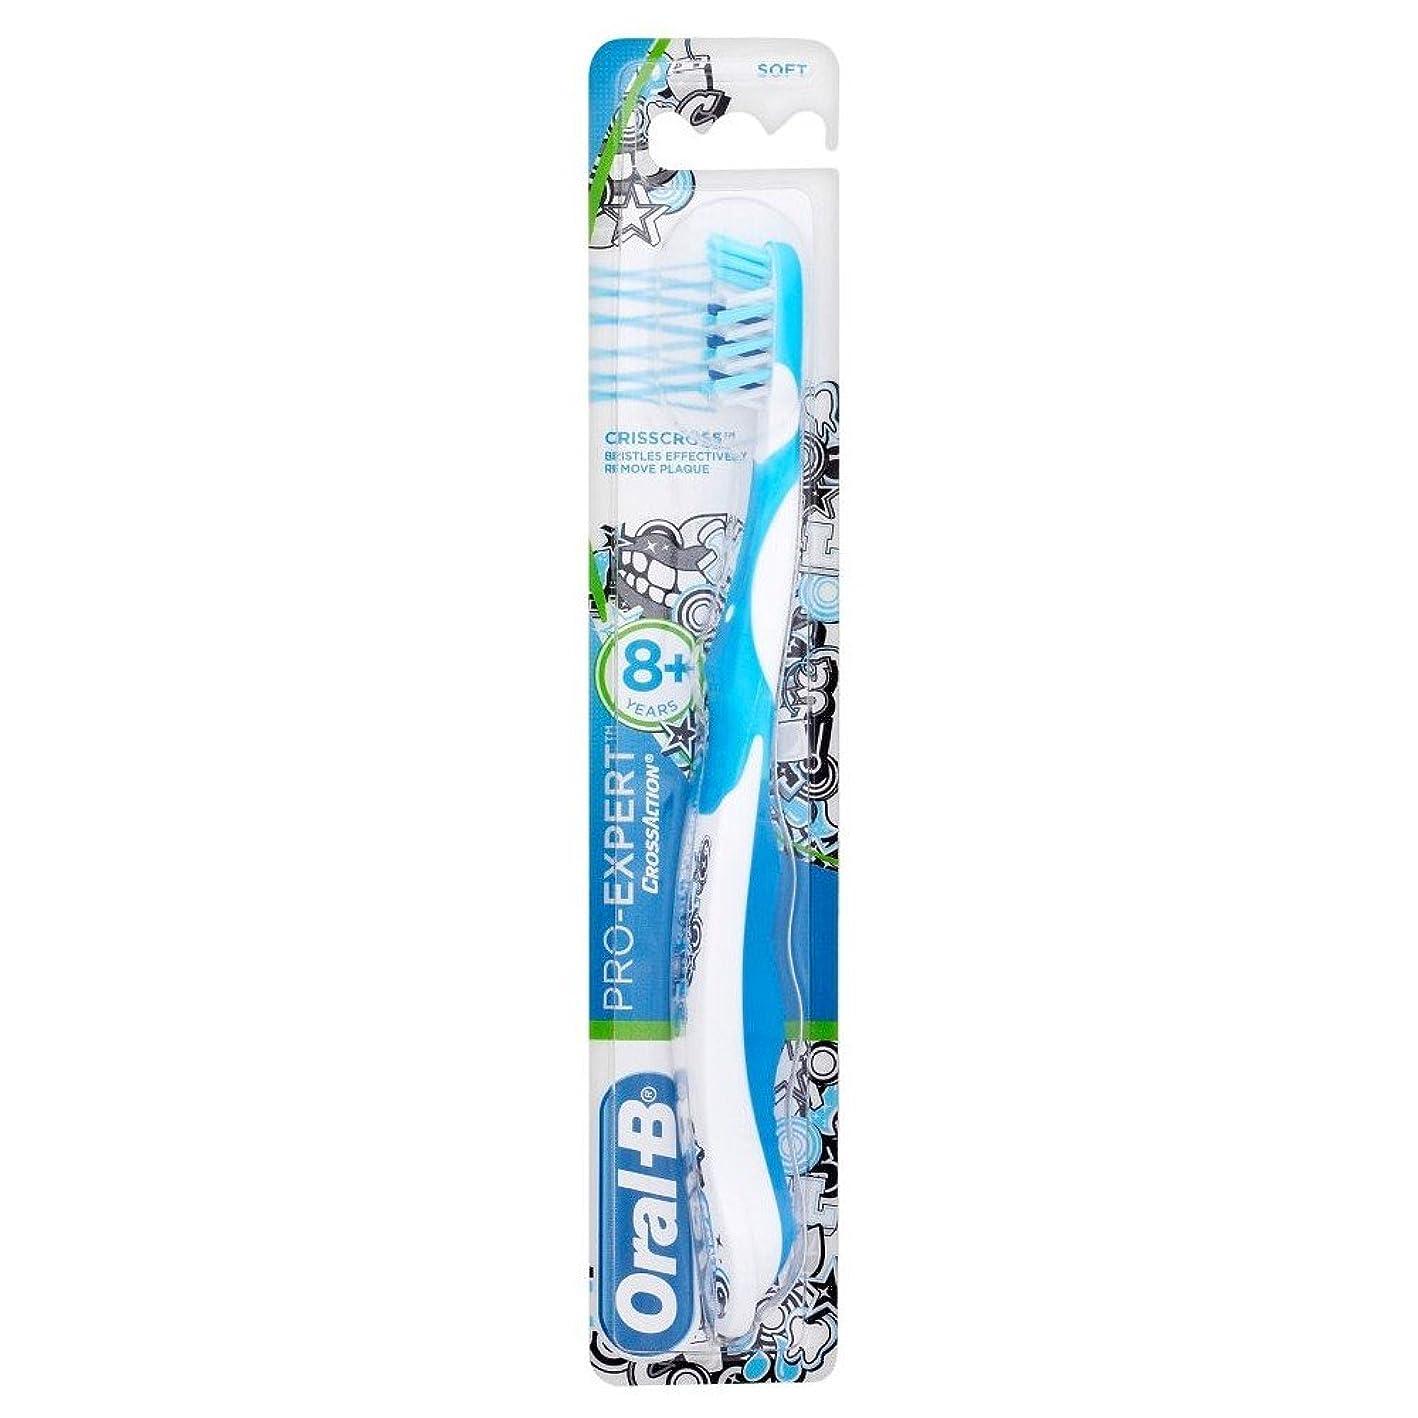 中性階アセンブリOral-B Toothbrush Pro-Expert Soft Bristles 8yr + オーラルb歯ブラシプロ専門ソフト剛毛??8Yr + [並行輸入品]